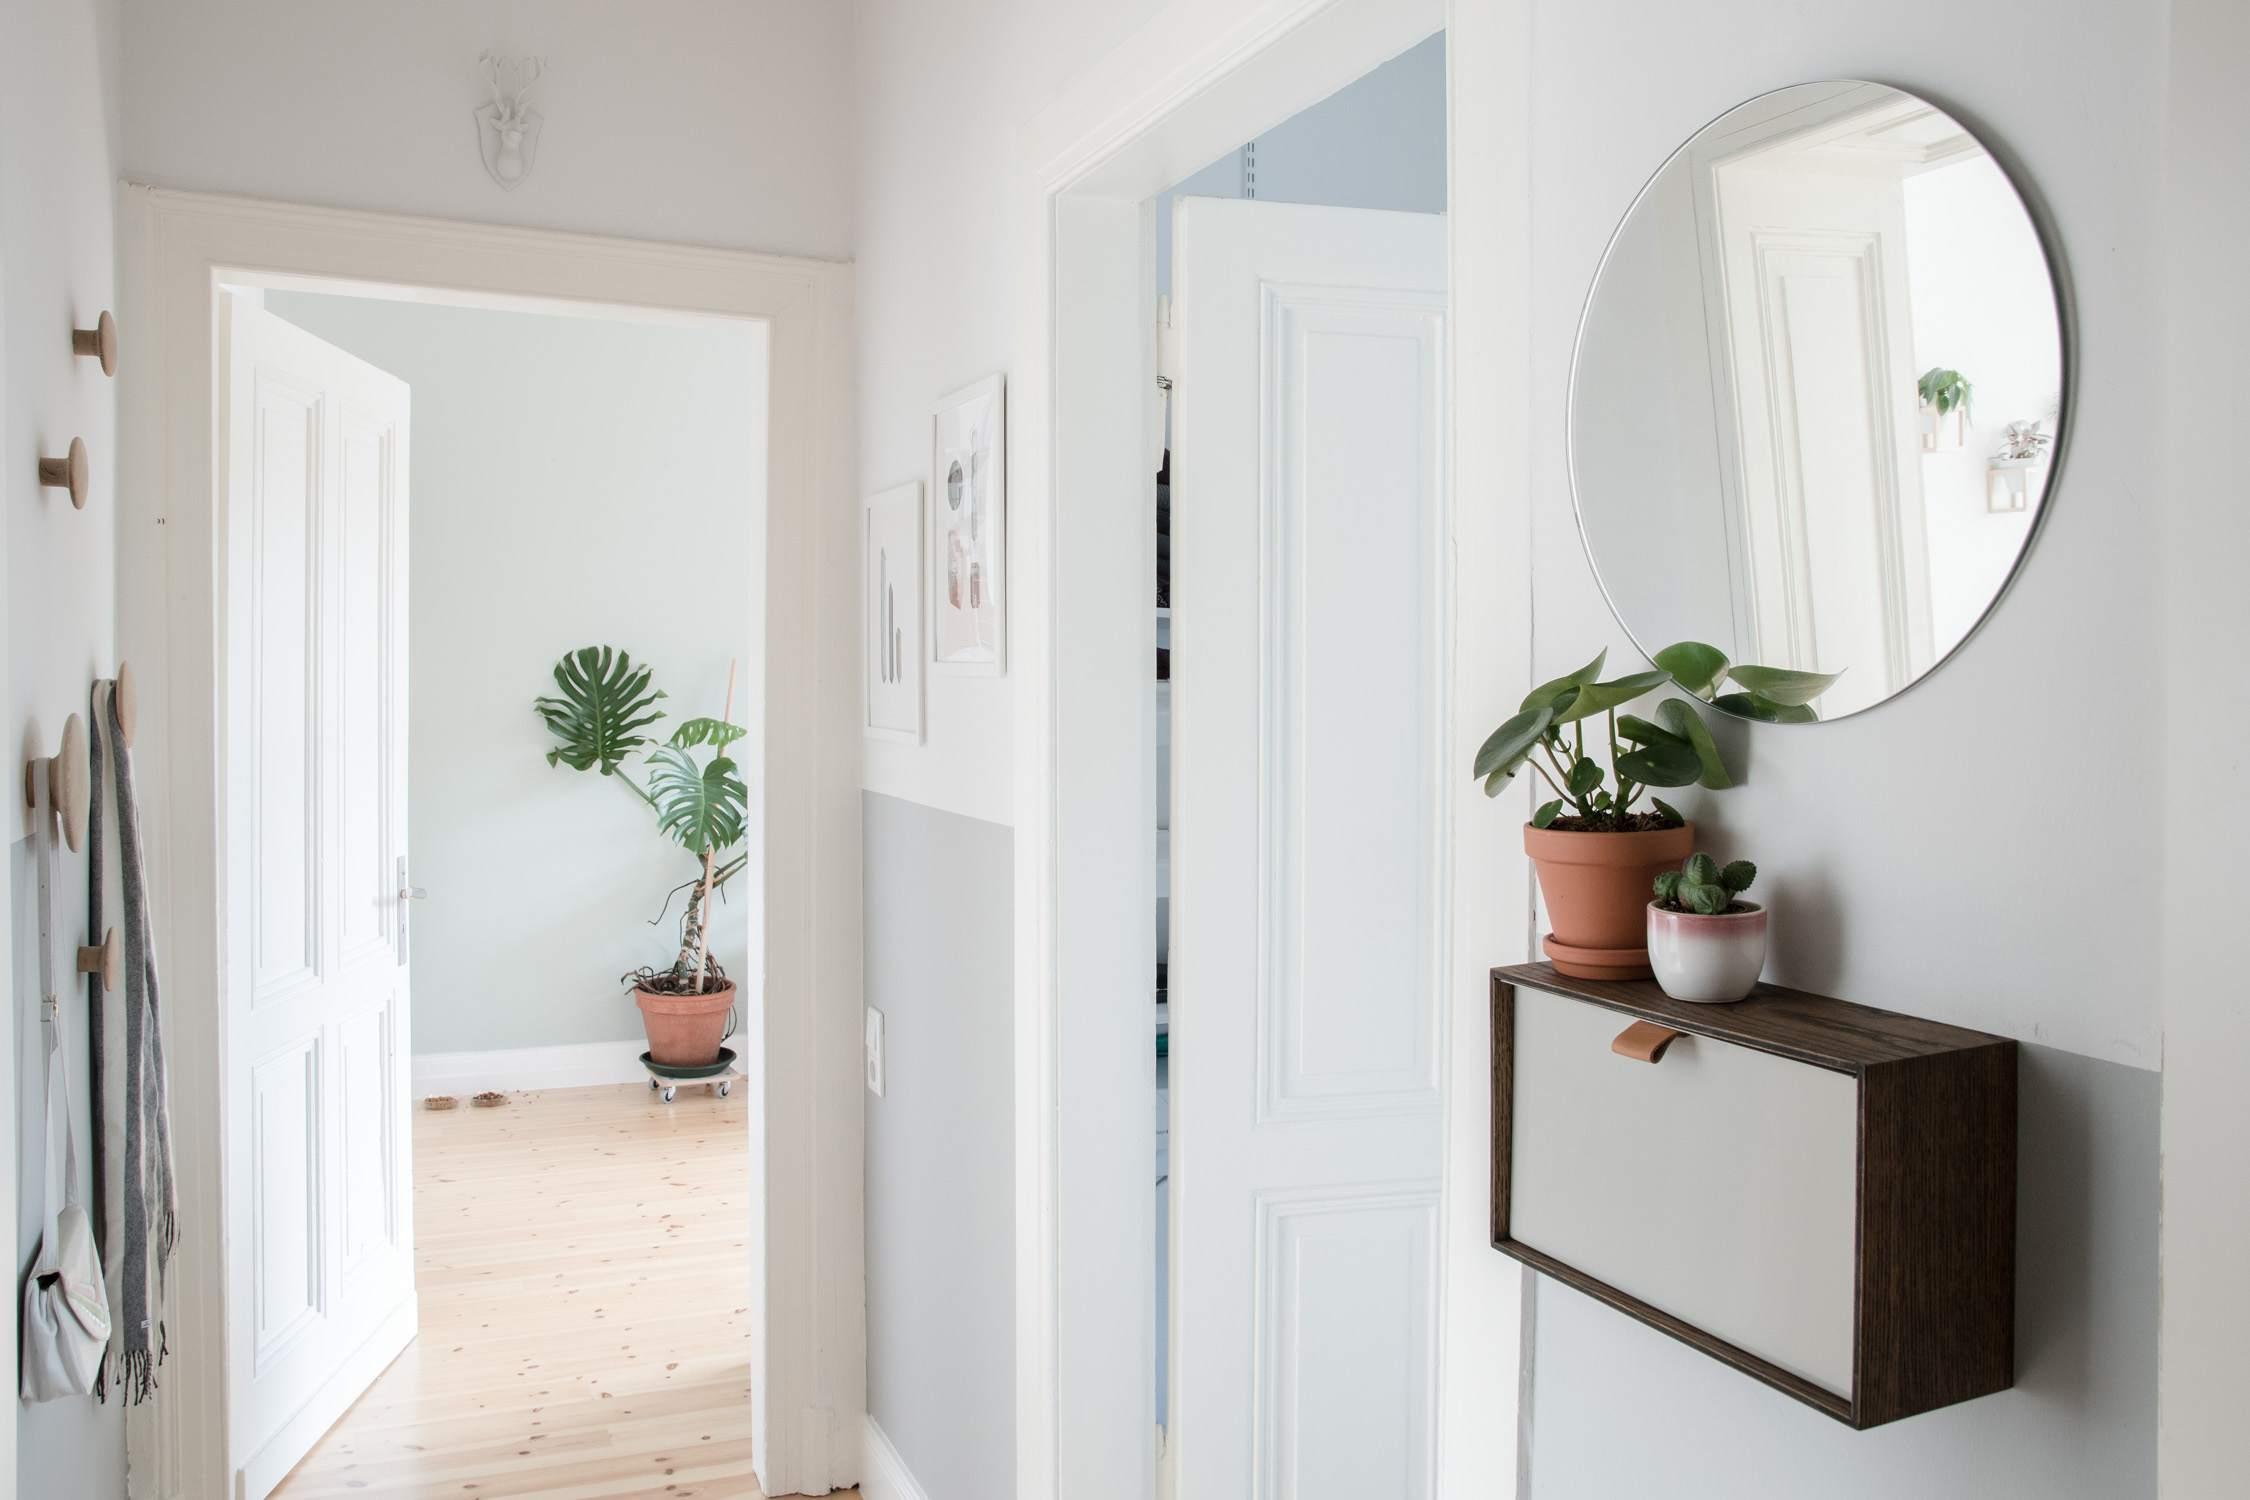 Plants in entryway